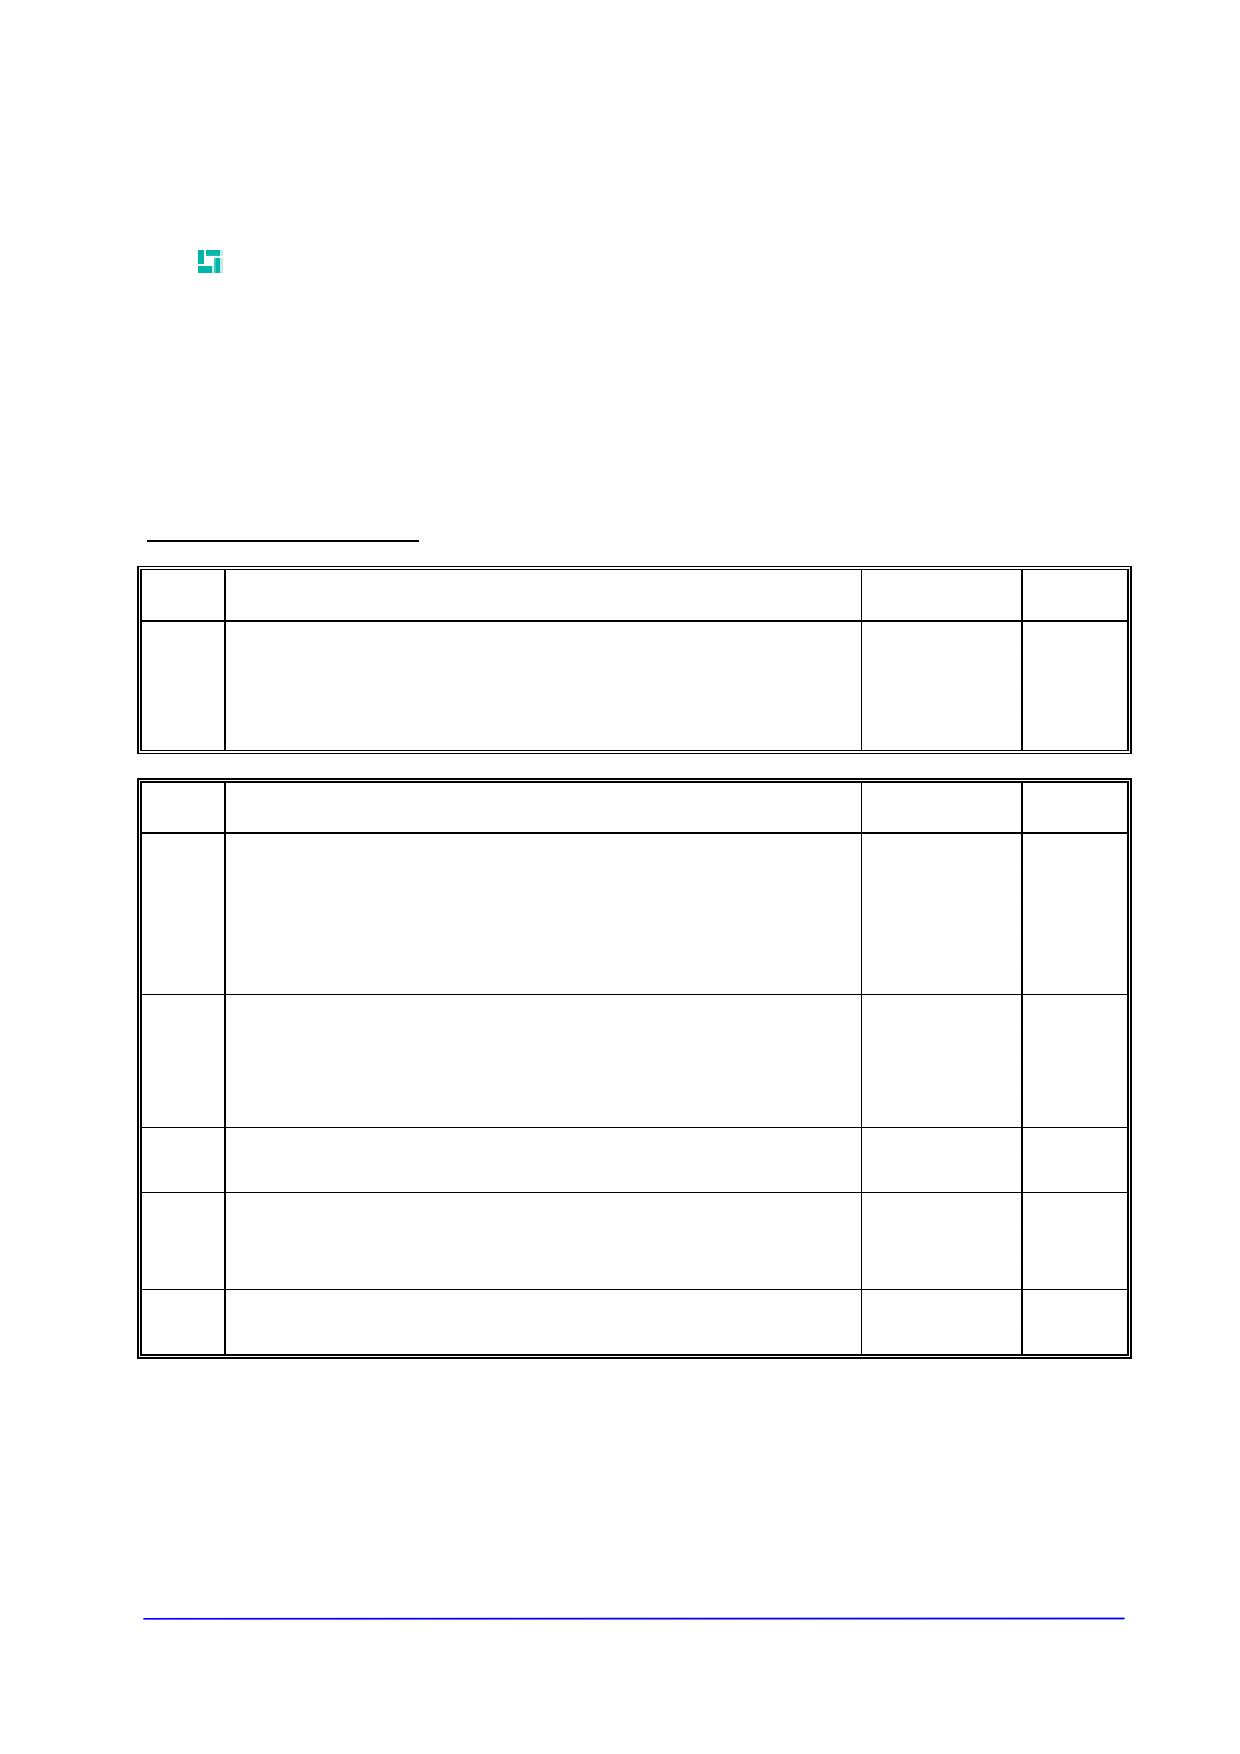 R0487YS12D datasheet